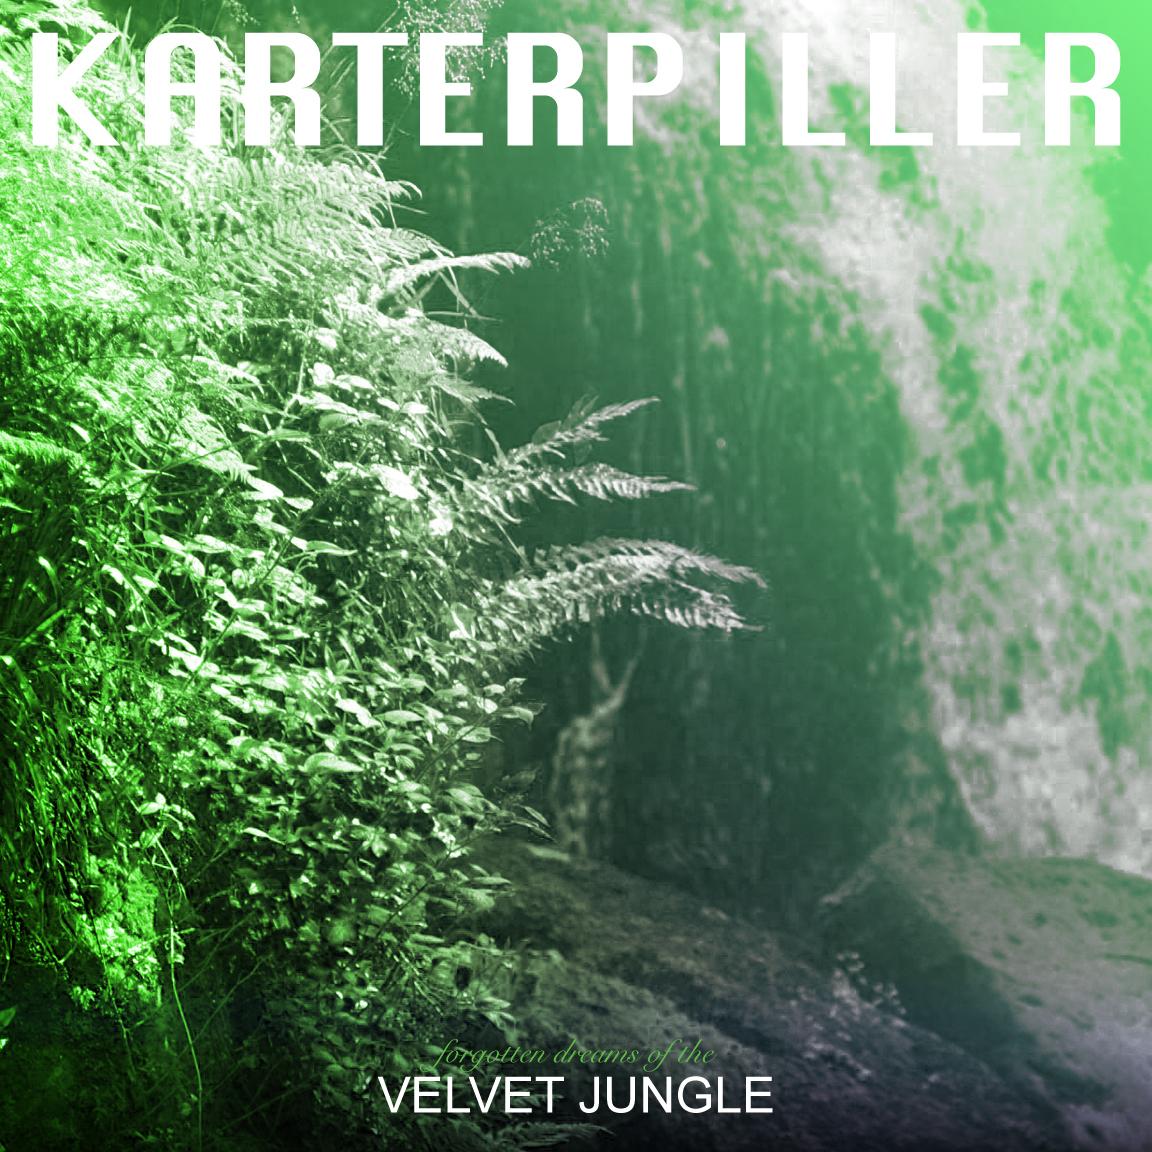 Forgotten Dreams of the velvet Jungle4.jpg